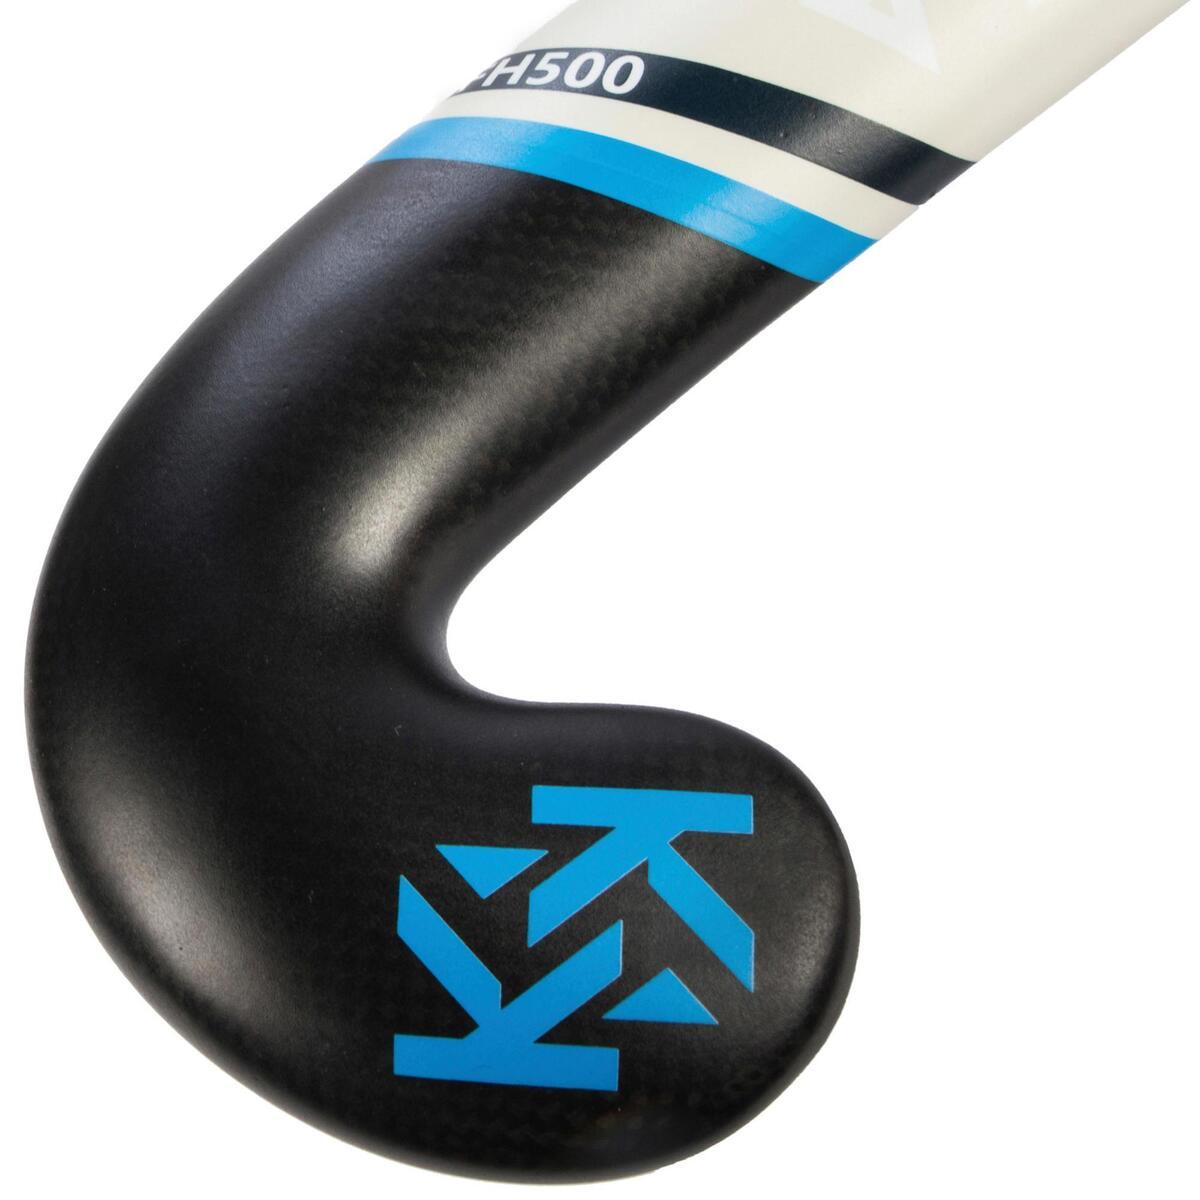 Bild 4 von Feldhockeyschläger FH500 Erwachsene Mid Bow 50% Carbon blau